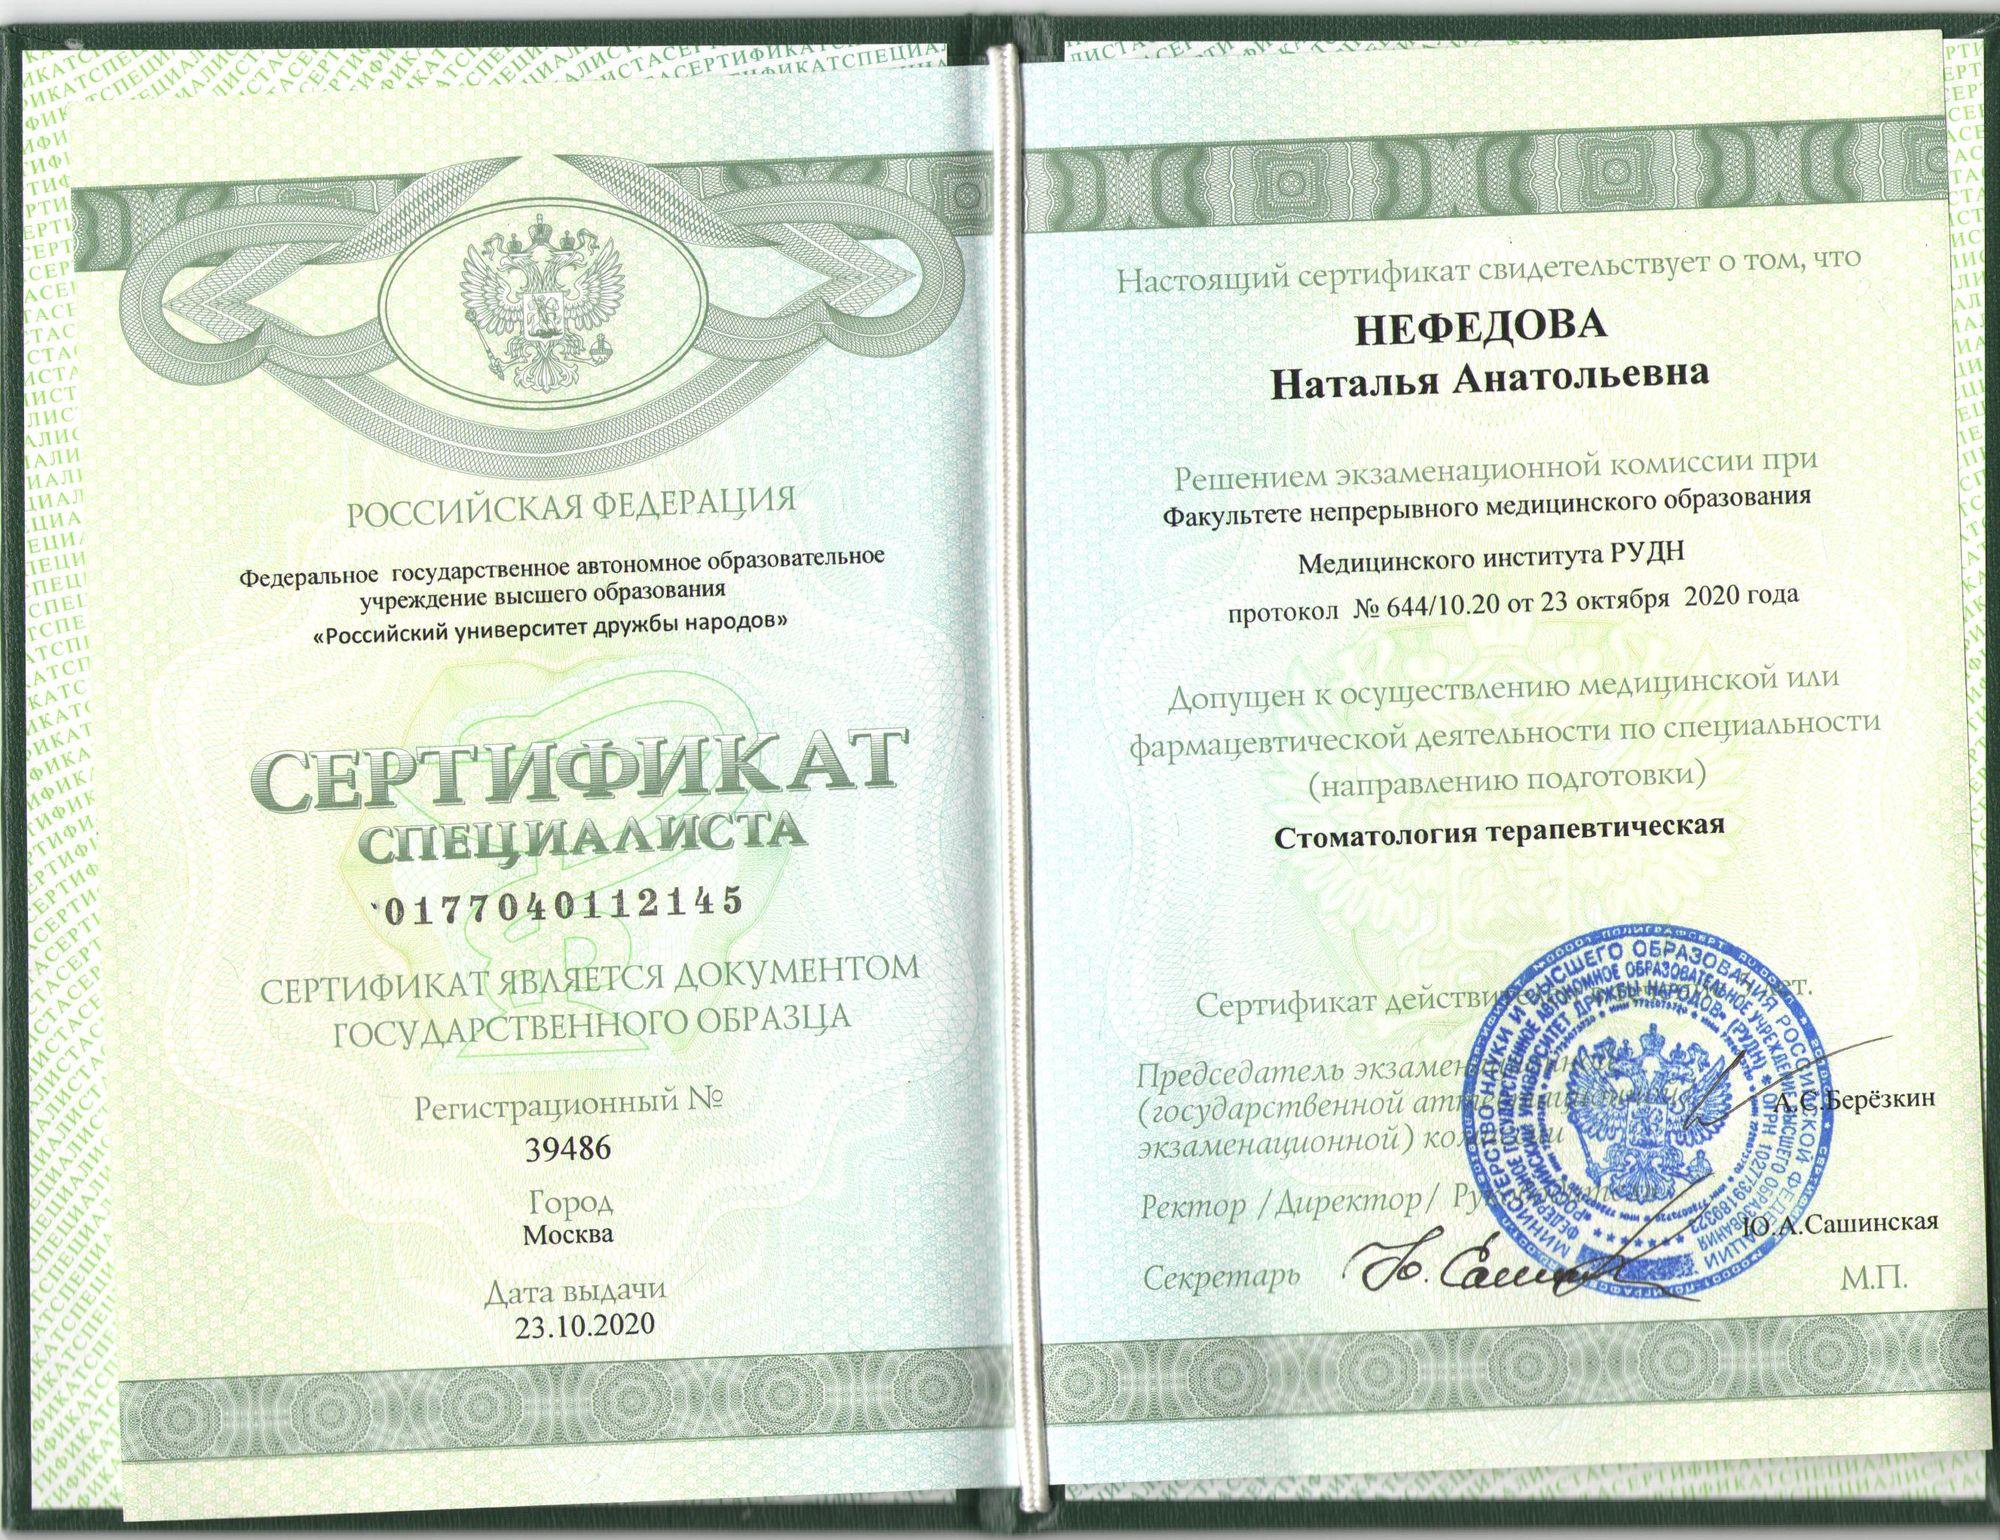 Нефедова_сертификаты